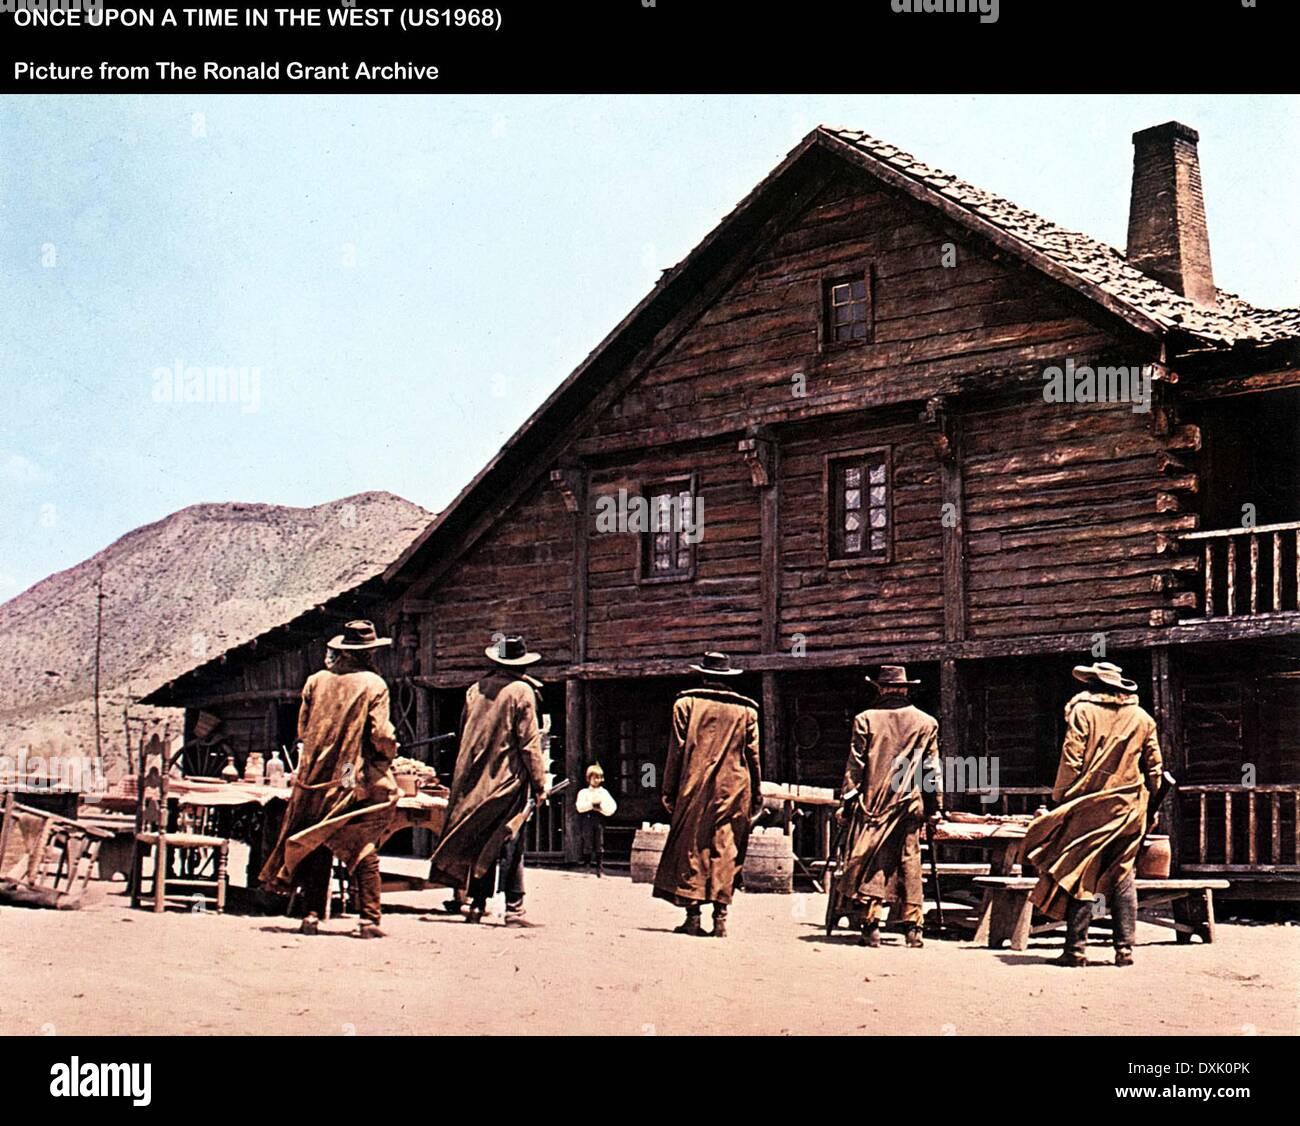 Érase una vez en el oeste (US/IT) COPYRIGHT: 1968 PARAMOU Foto de stock